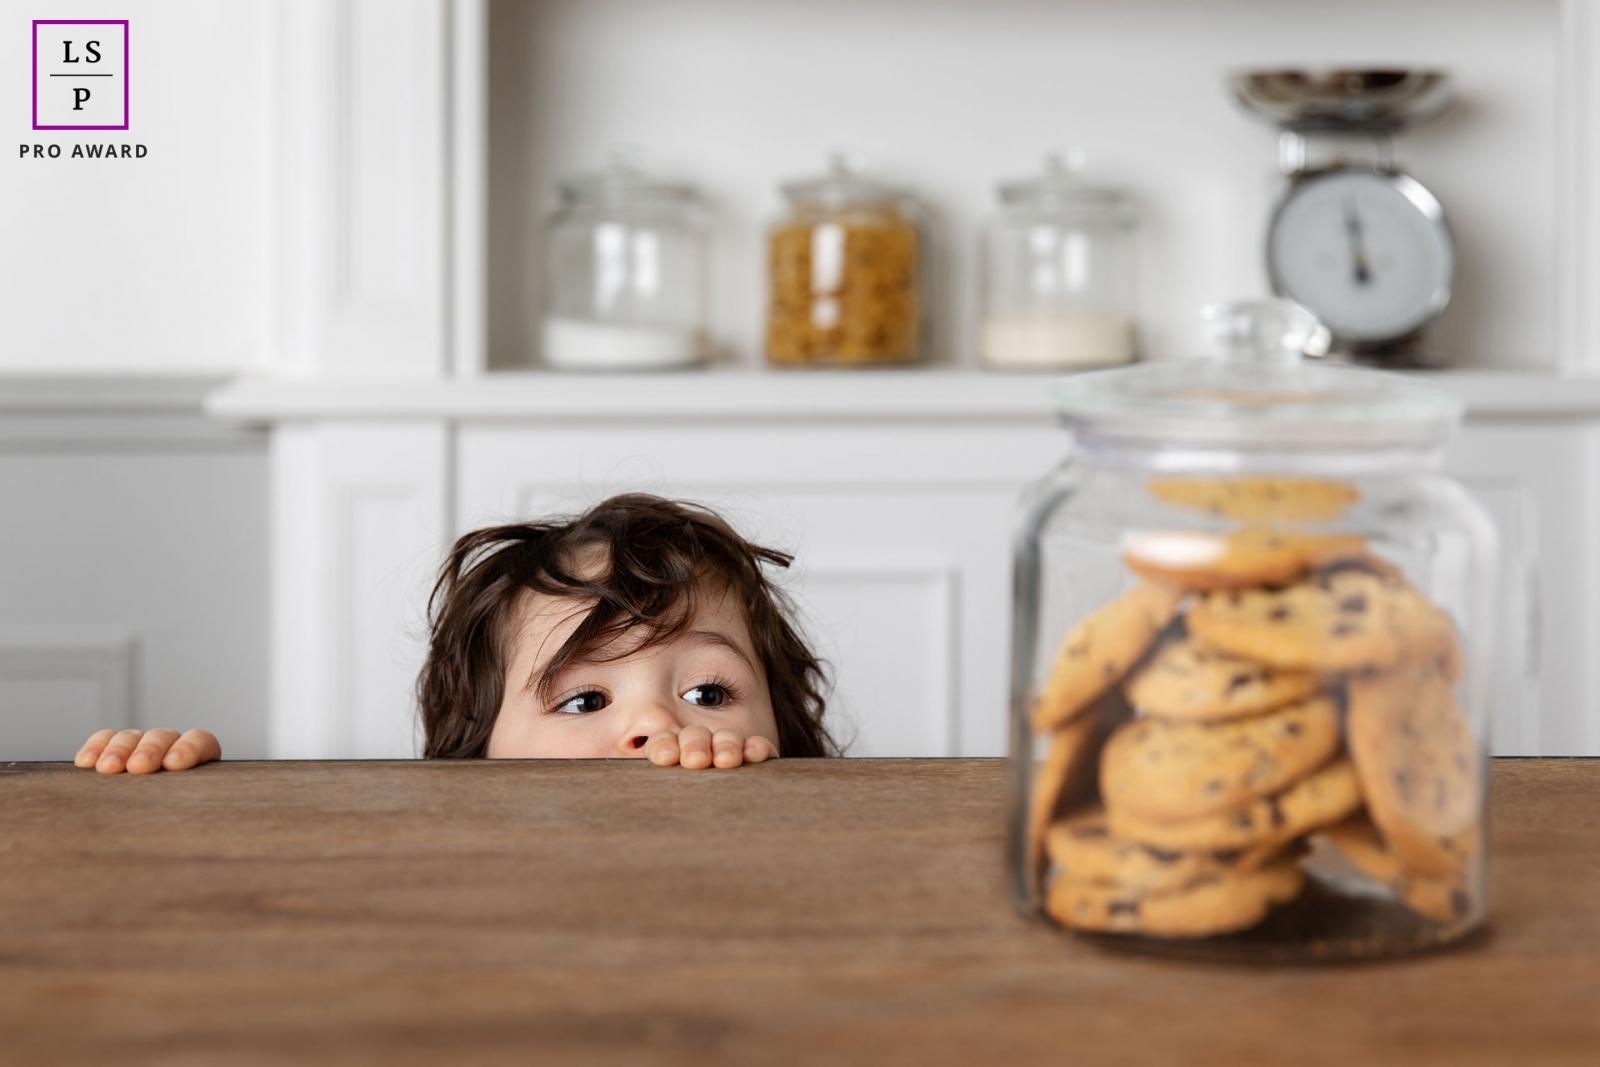 Jeune enfant qui essaye d'attraper des cookies sur la table par Tout Petit Pixel, photographe enfant lifestyle